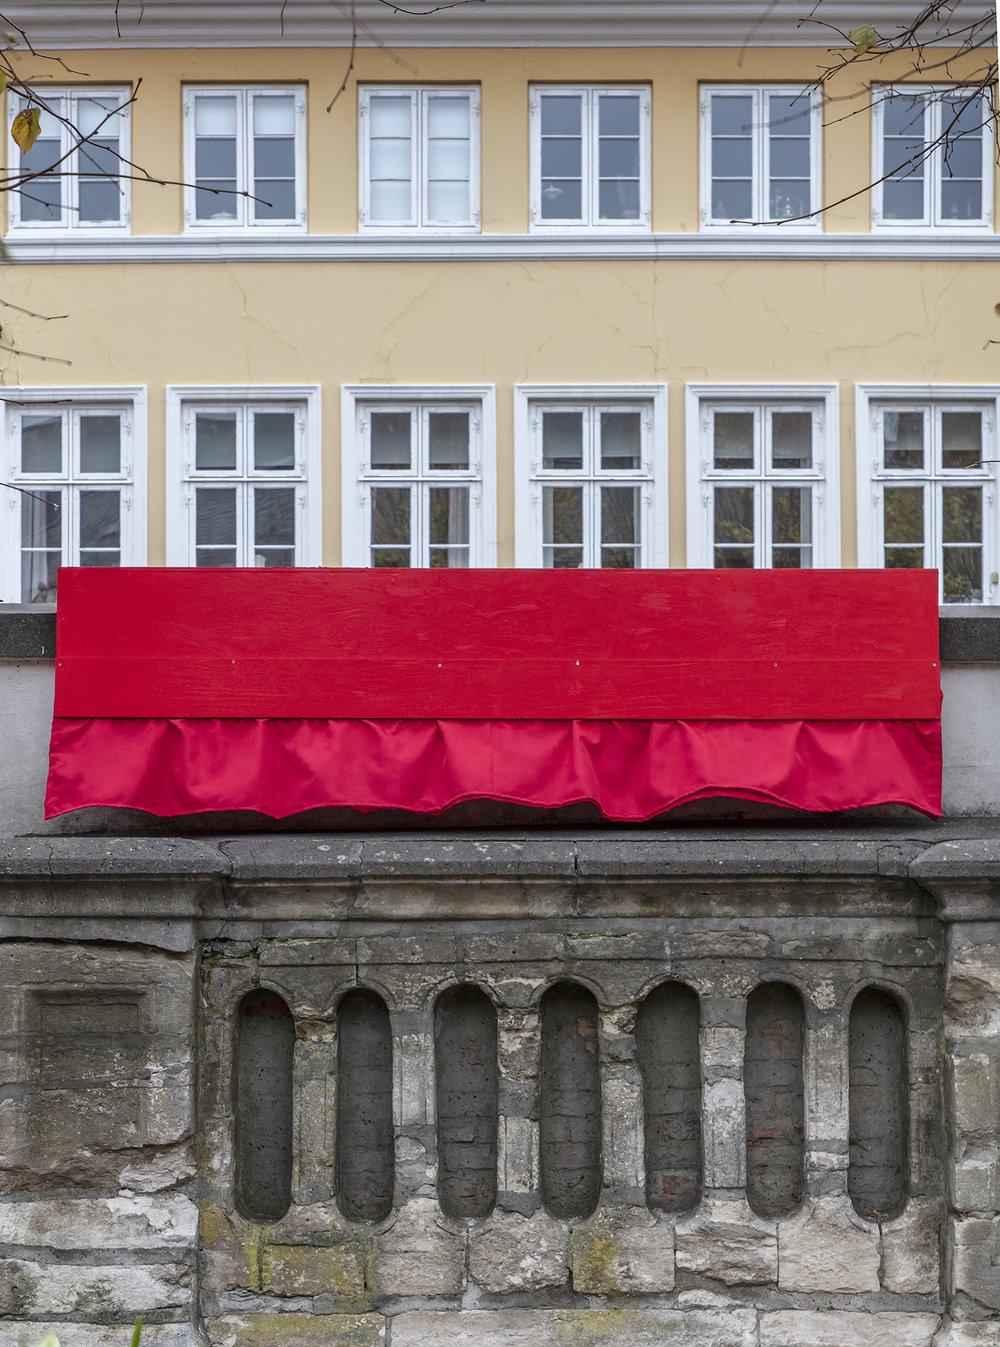 Anja Bache, Scenen er sat (Detalje, gårdrummet, Nedslag 4). Foto: Ole Akhøj.